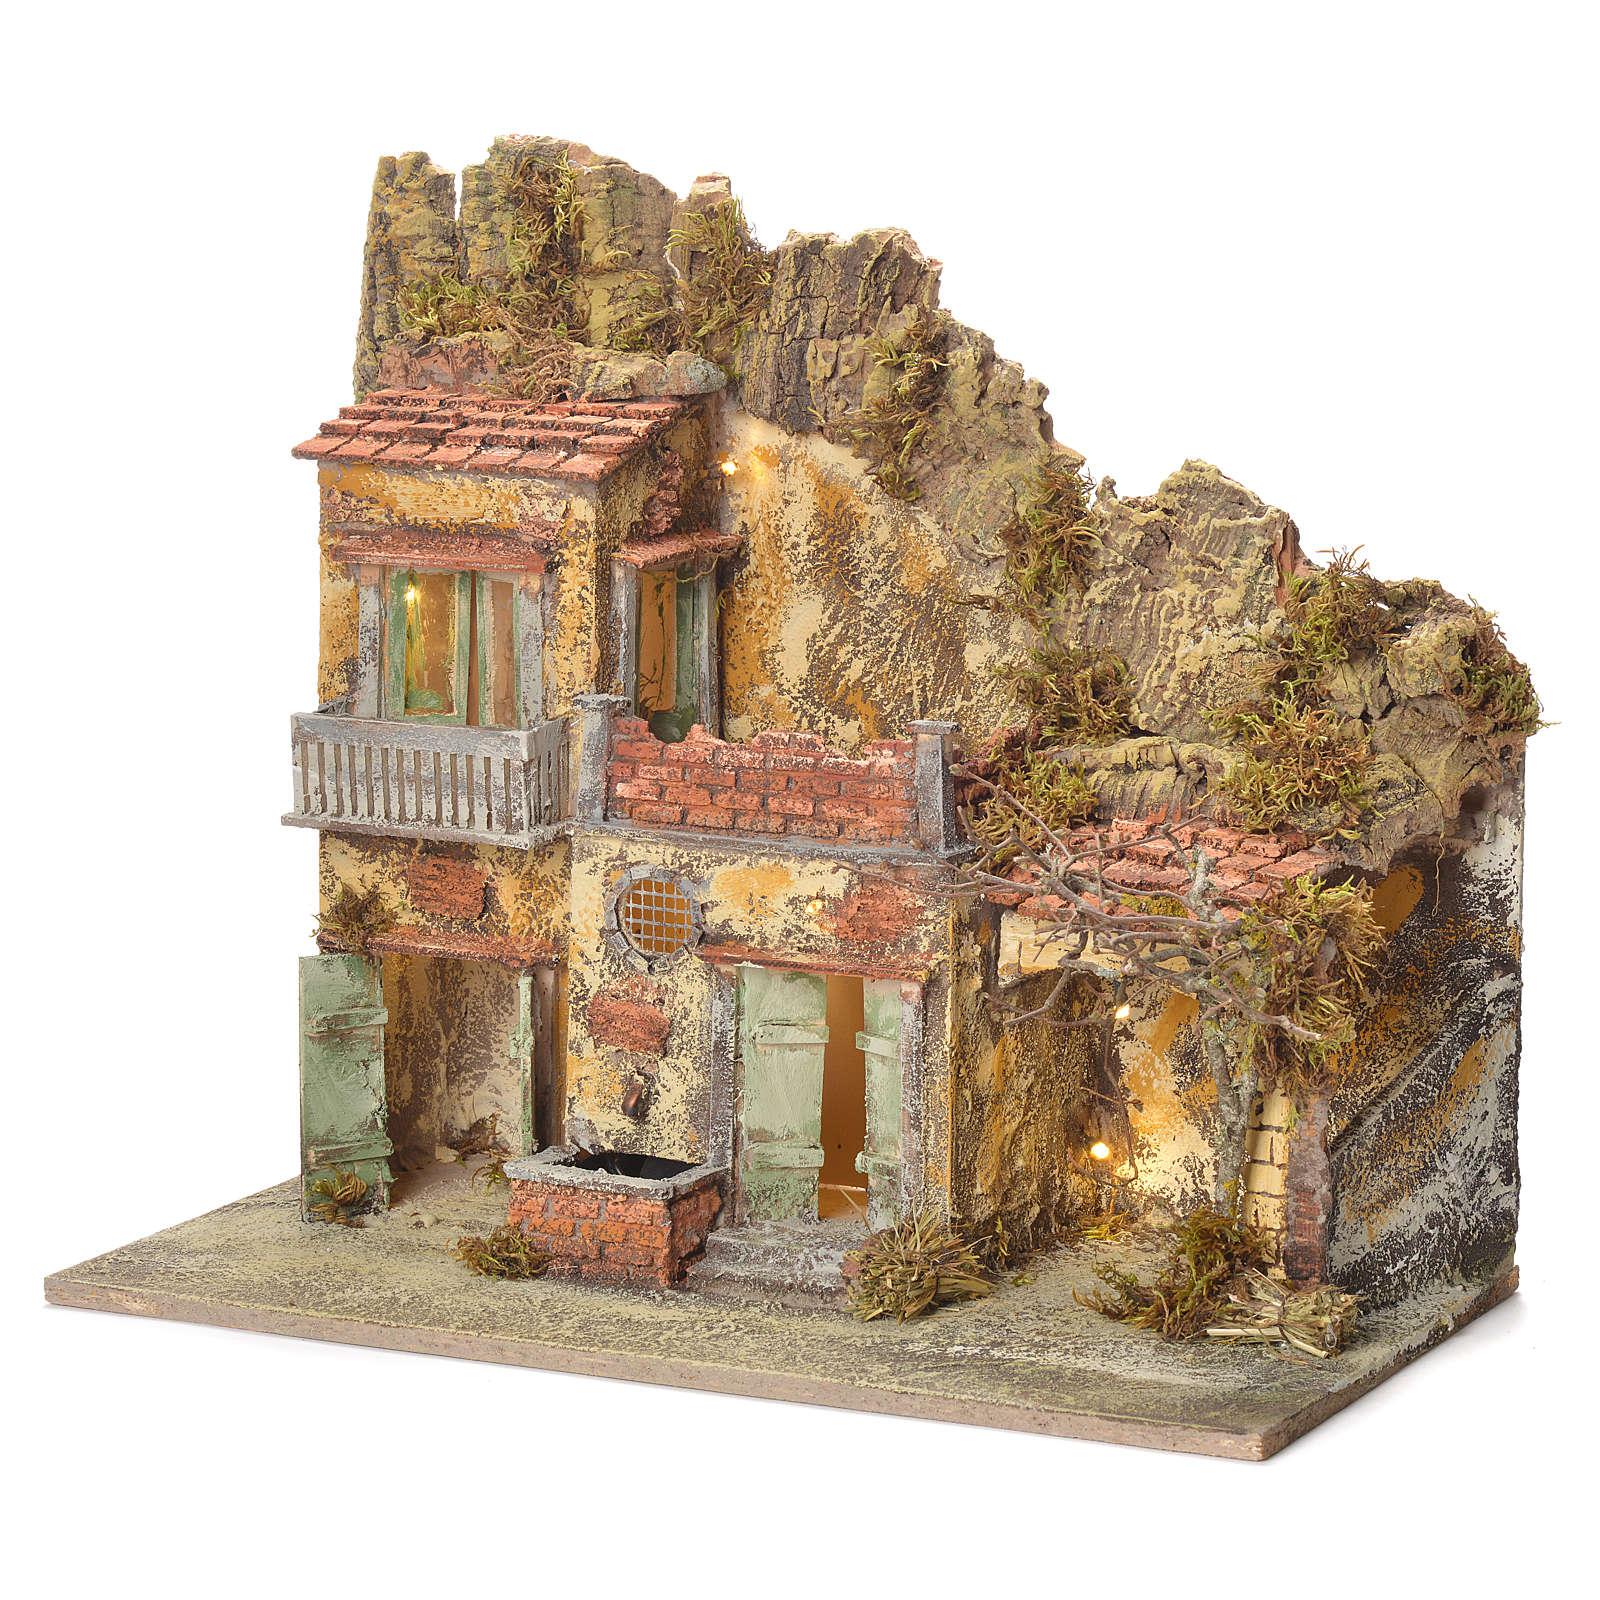 Pueblo presebre napoletano con fuente 45x50x30cm para figuras de 8/10 cm 4